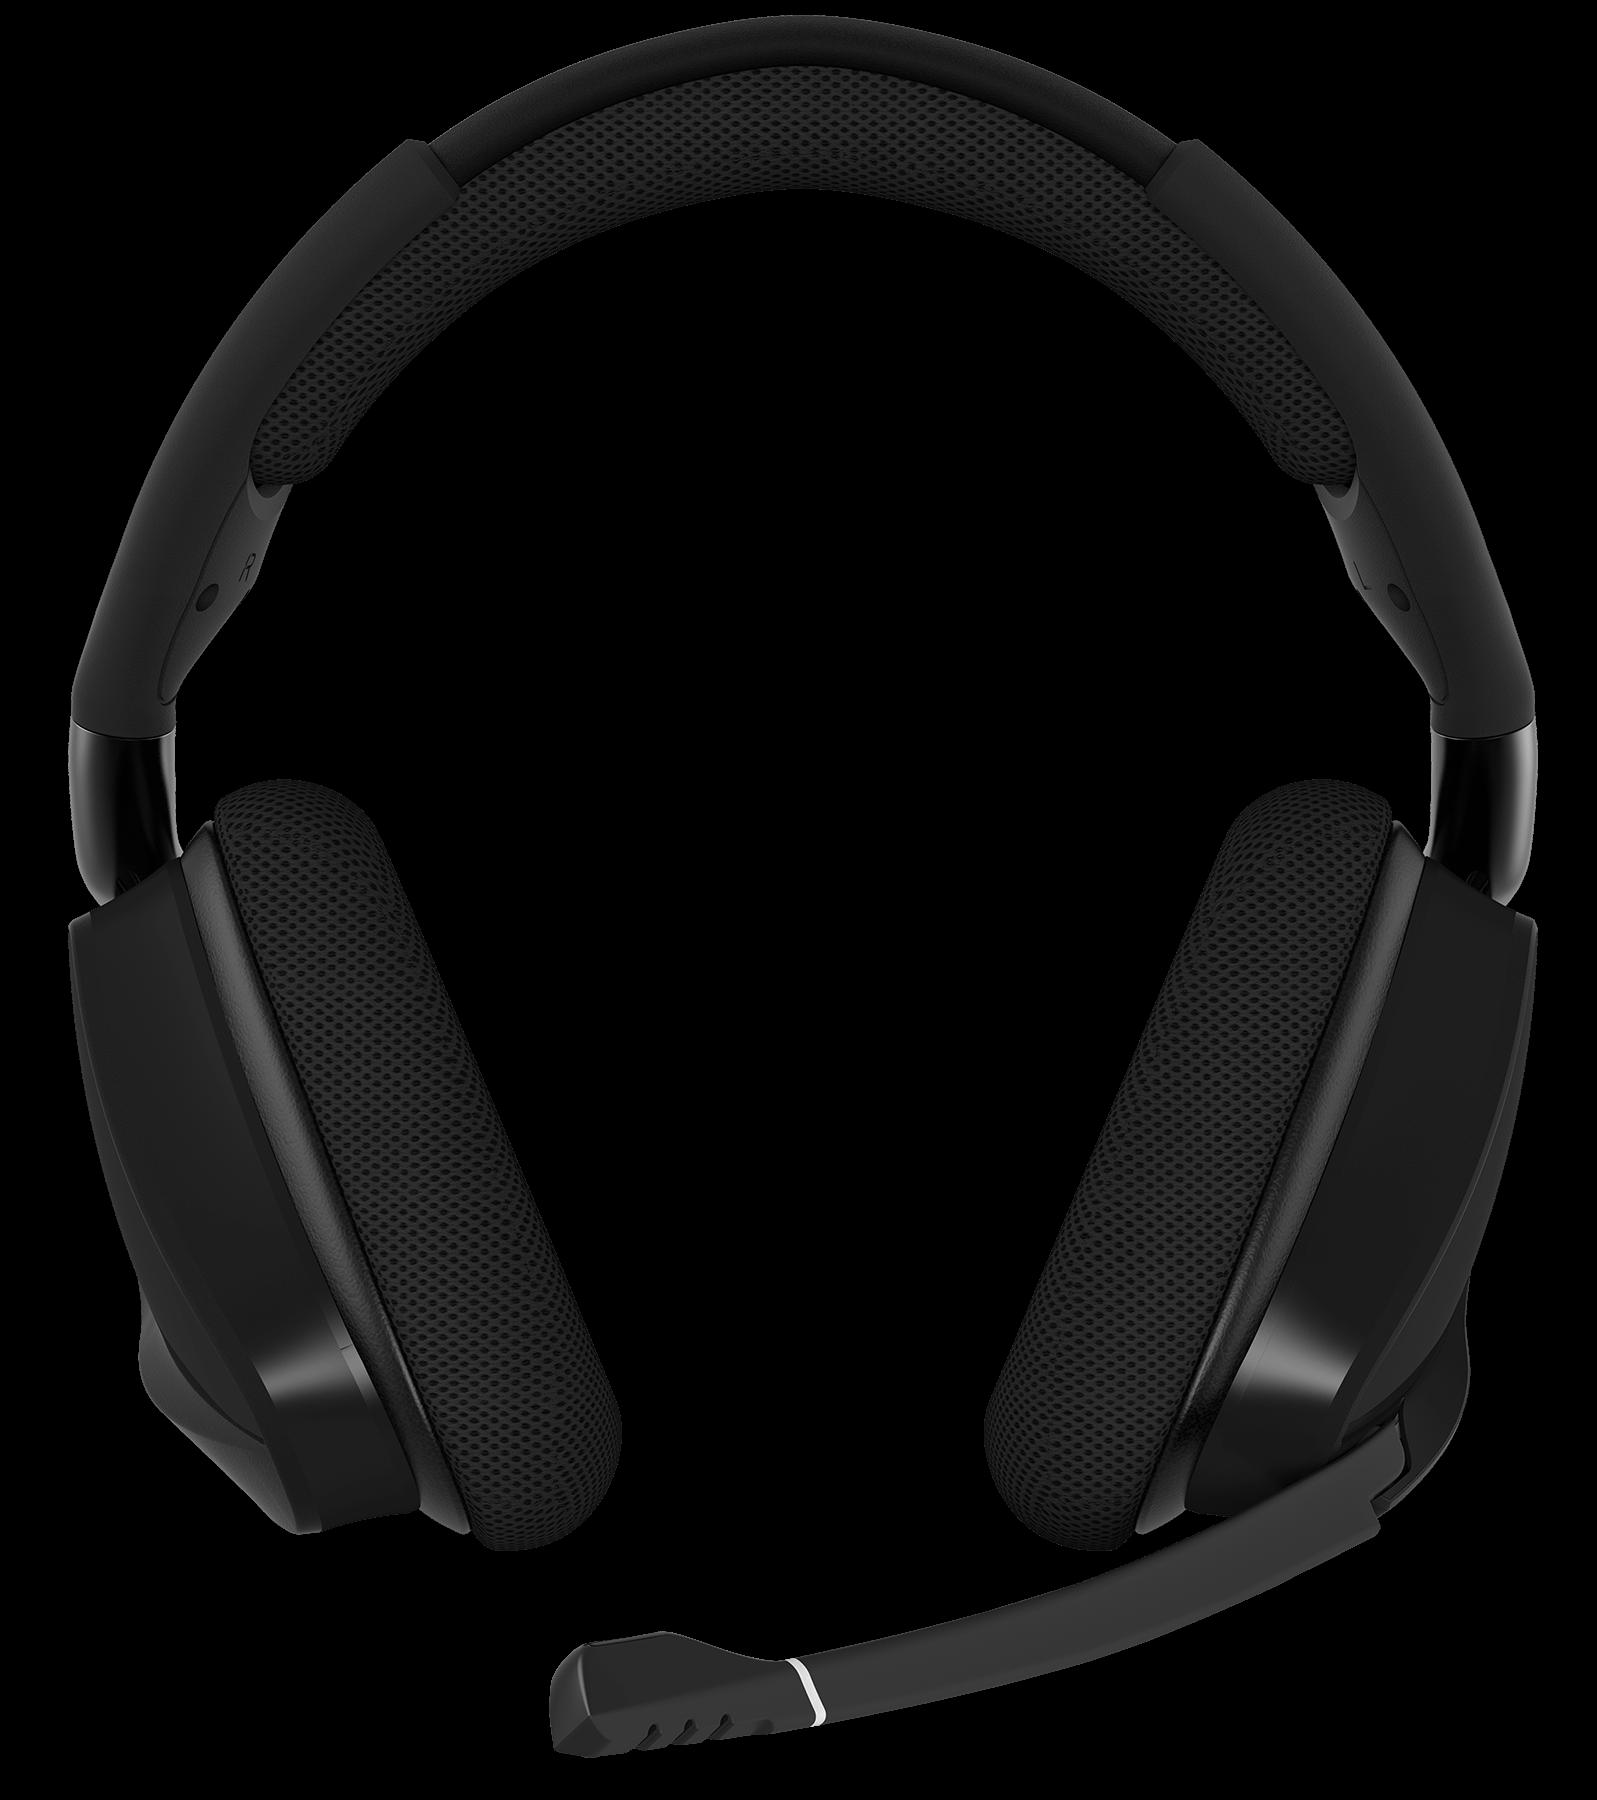 Corsair Void Pro Rgb Wireless Test Prix Et Fiche Technique